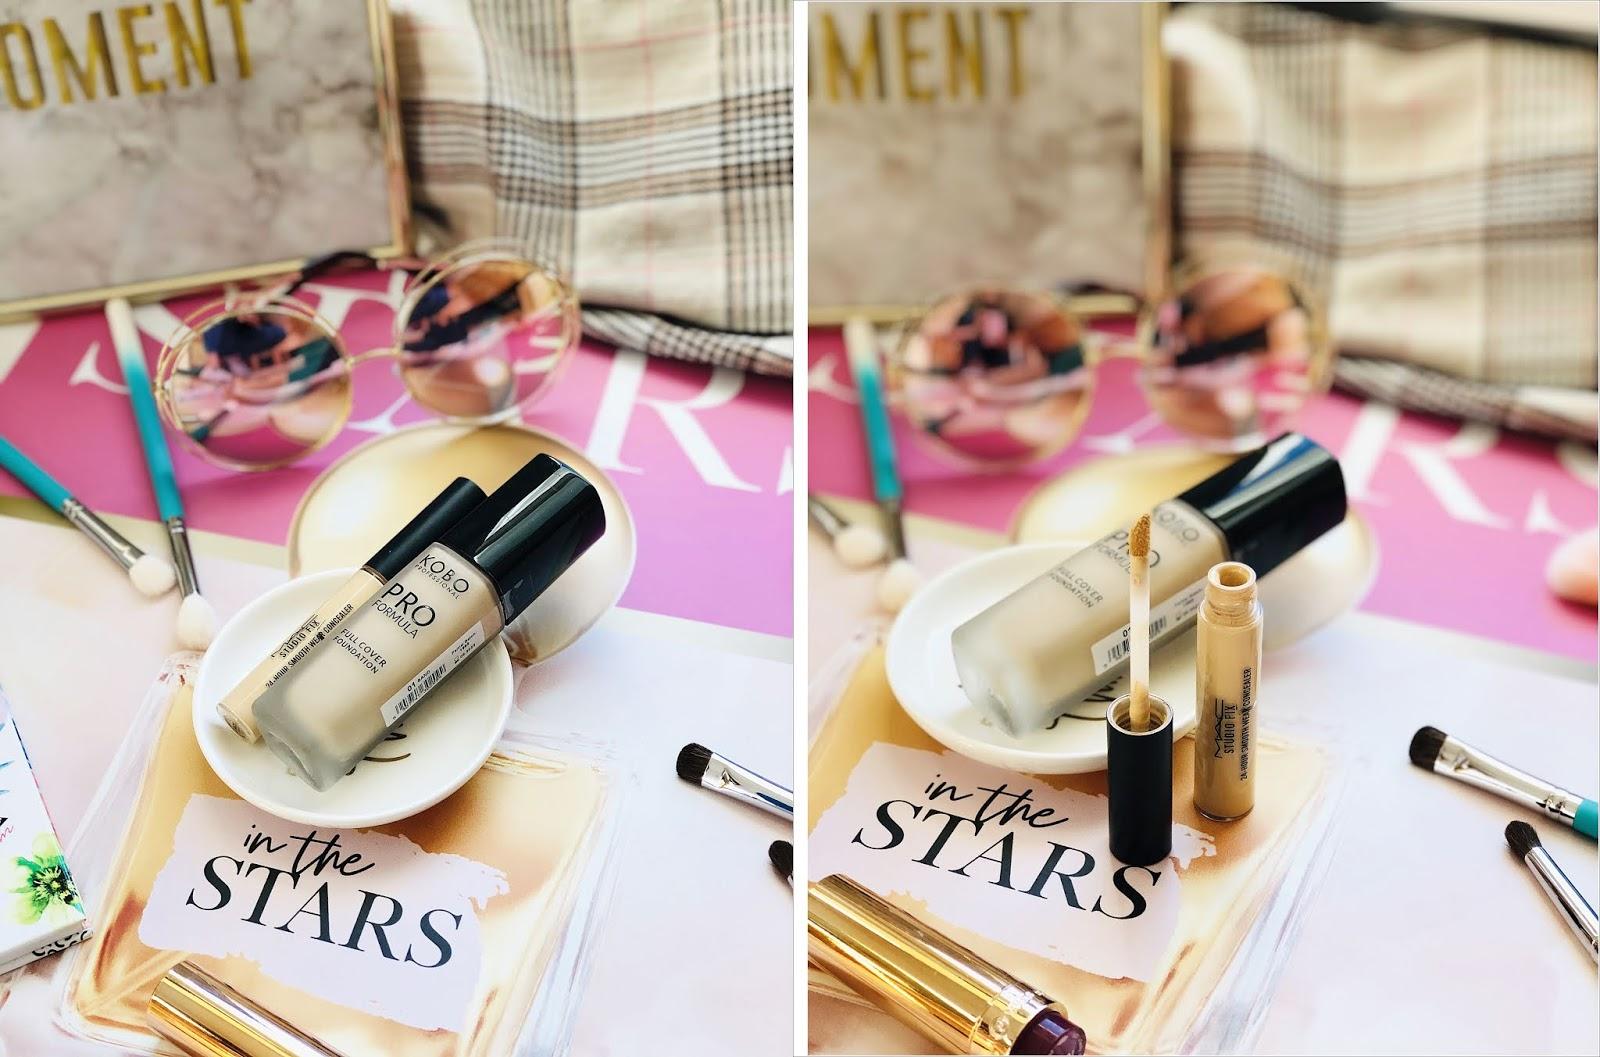 kosmetyki, których używam do codziennego makijażu | daily makeup